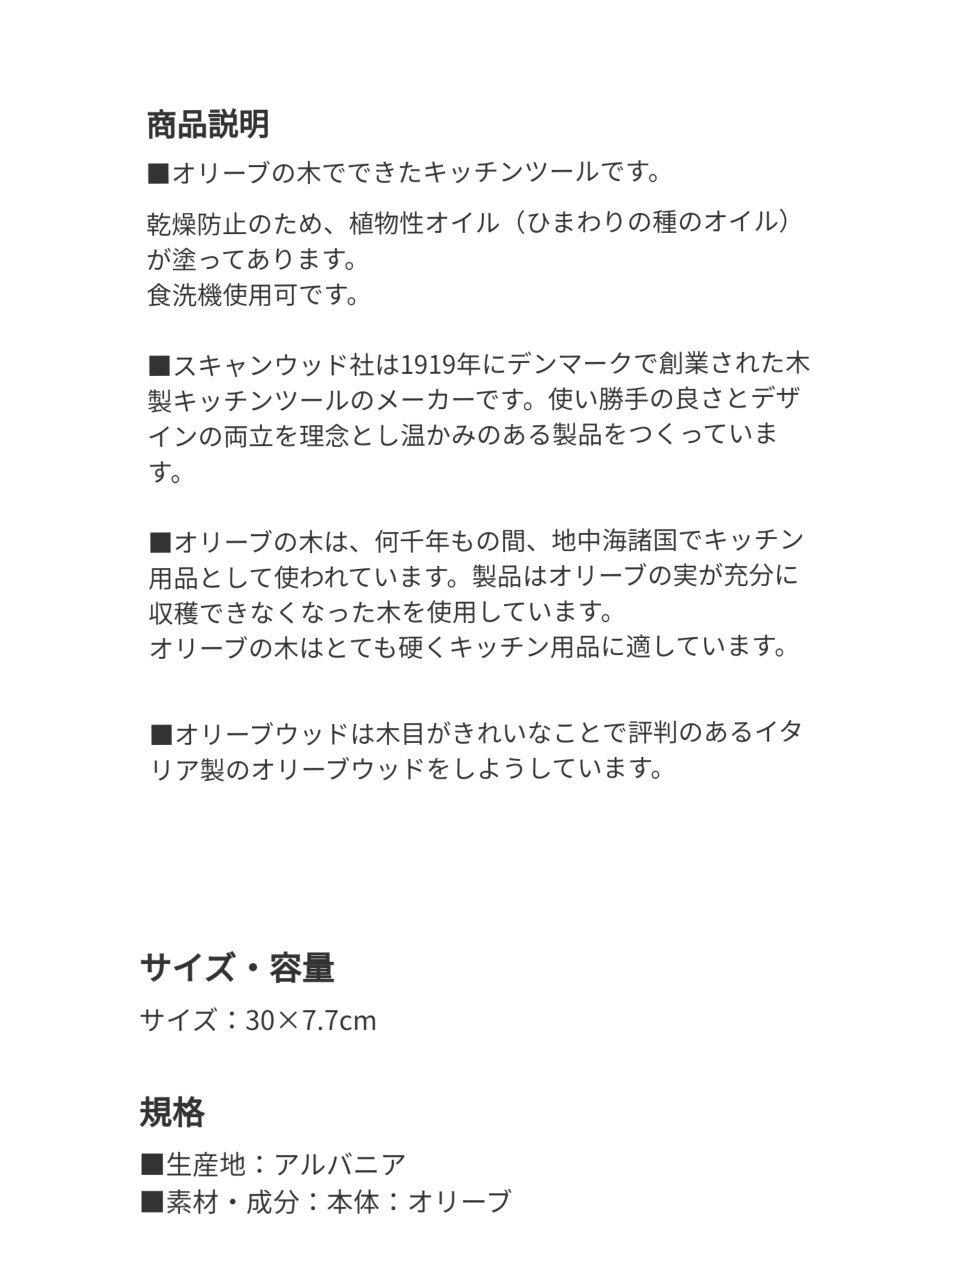 scanwood 入荷_f0255704_21065545.jpg